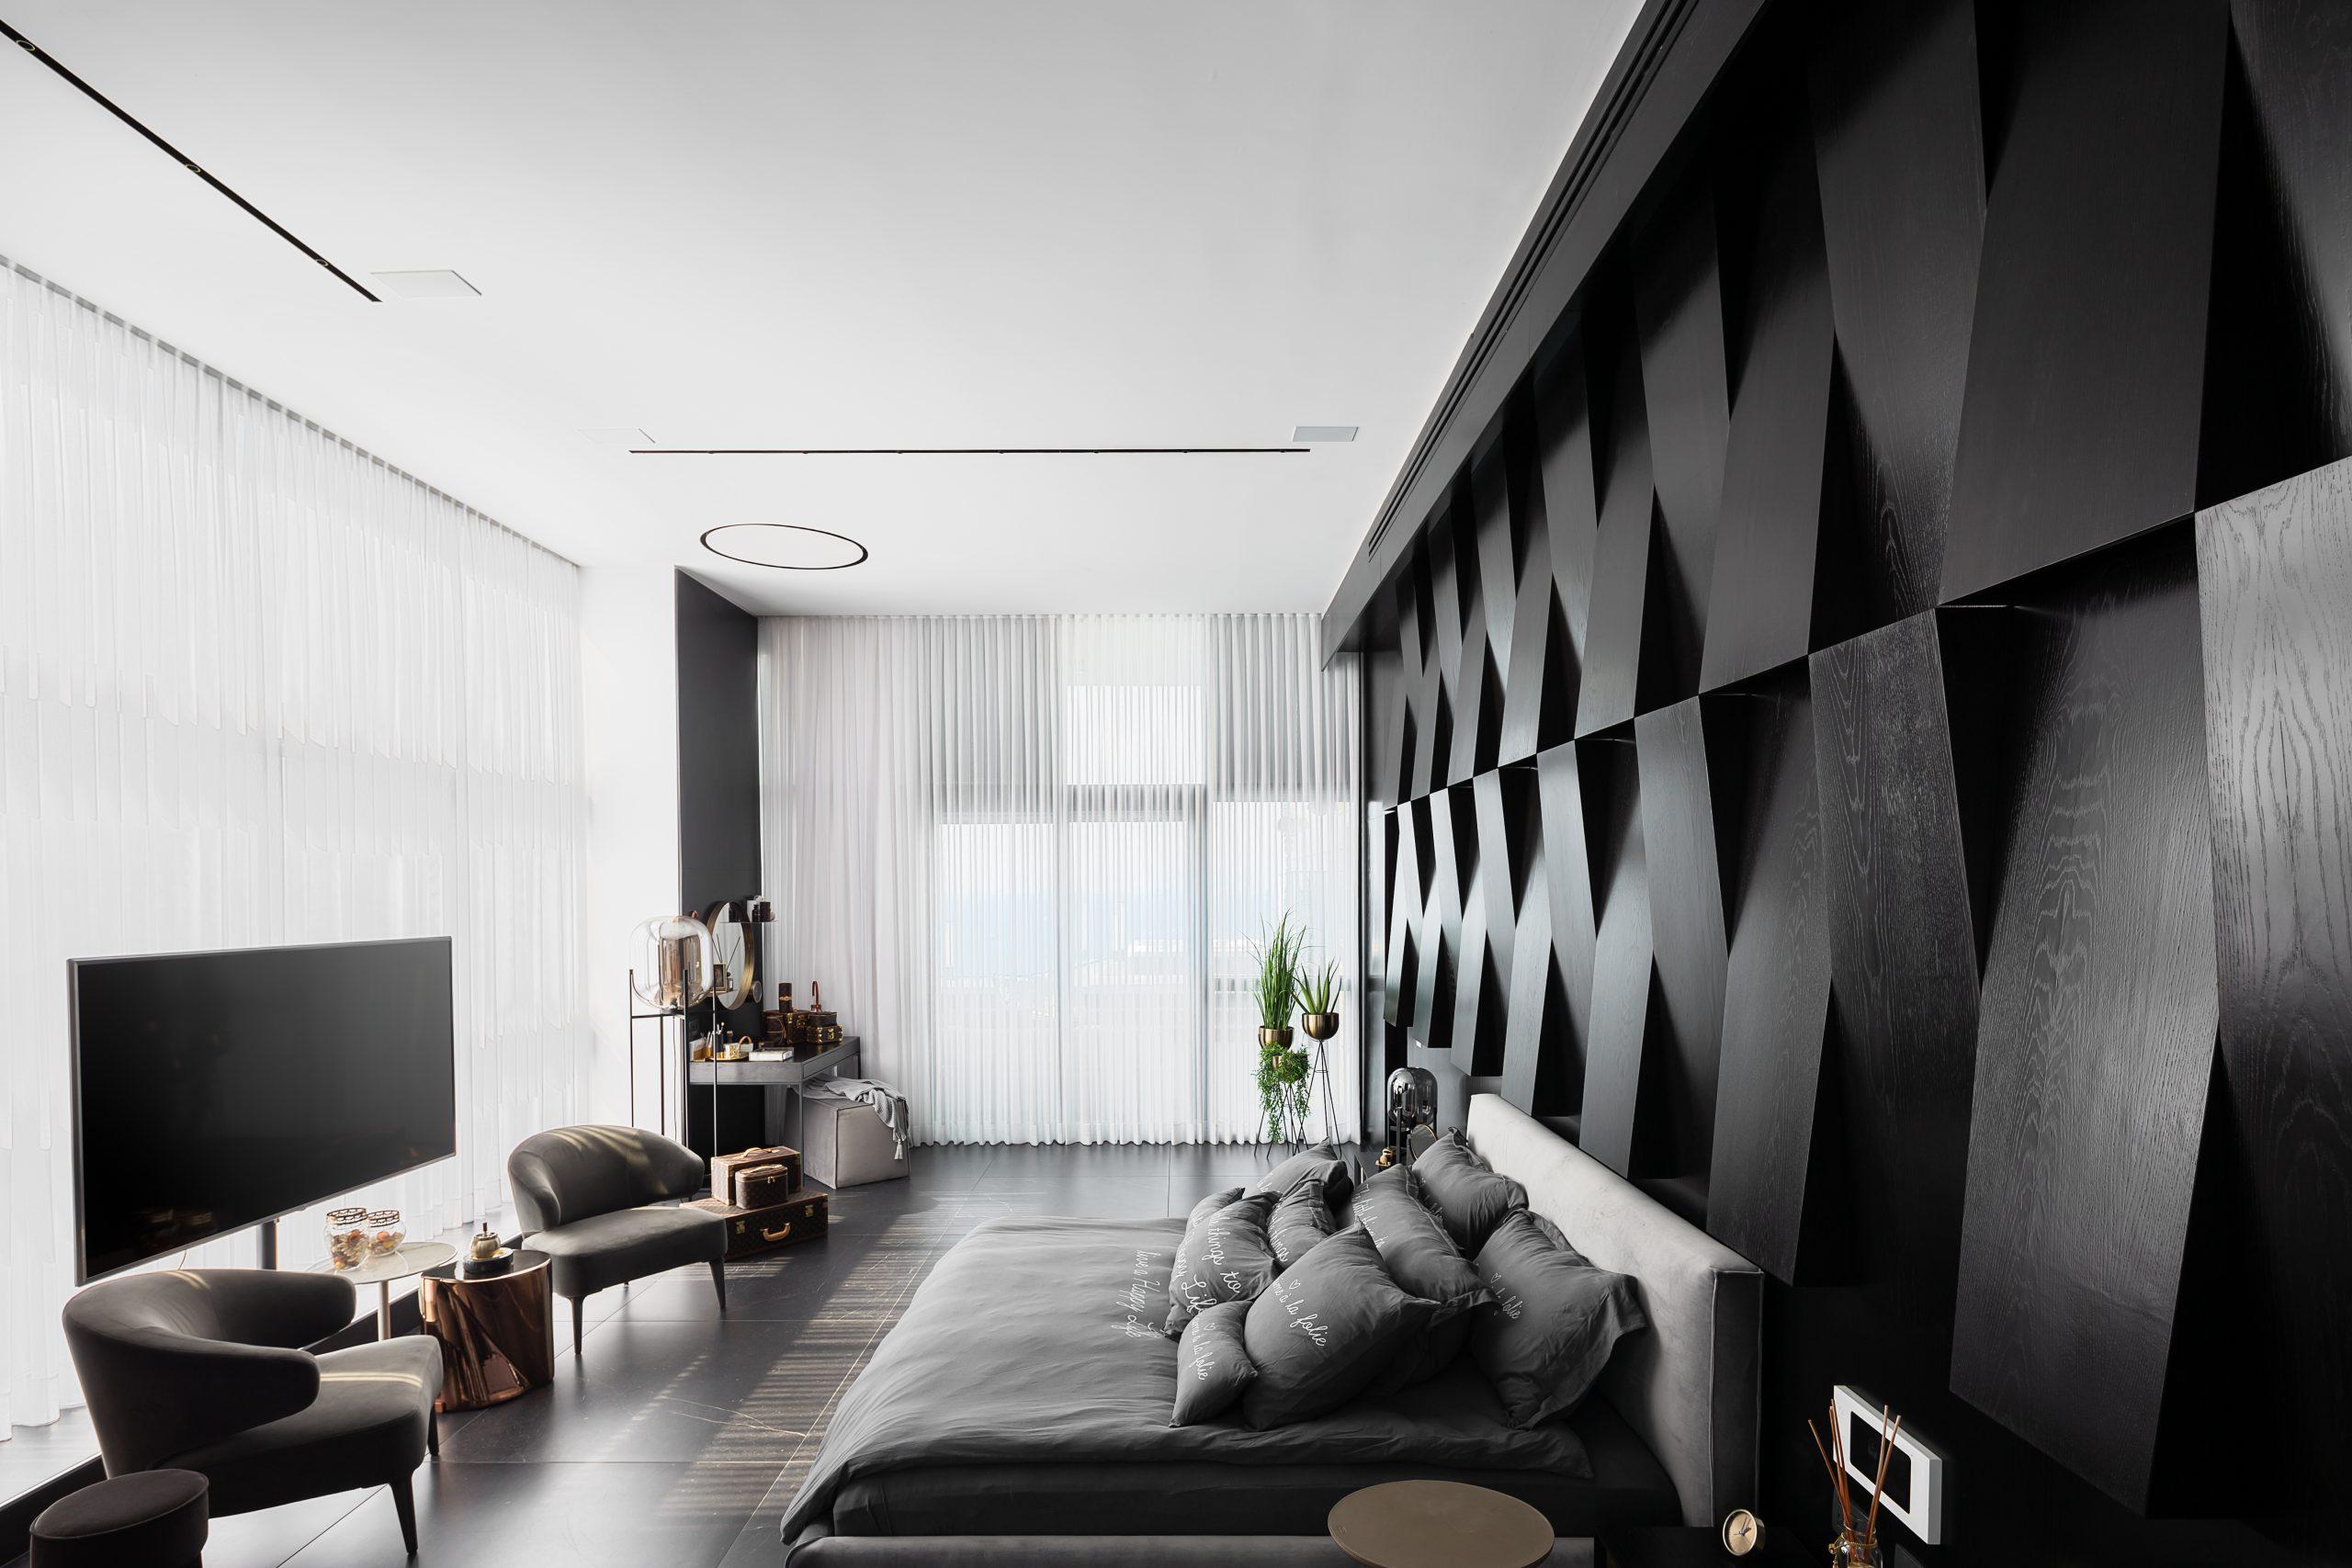 עיצוב חדר שינה מודרני שמשדר יוקרה